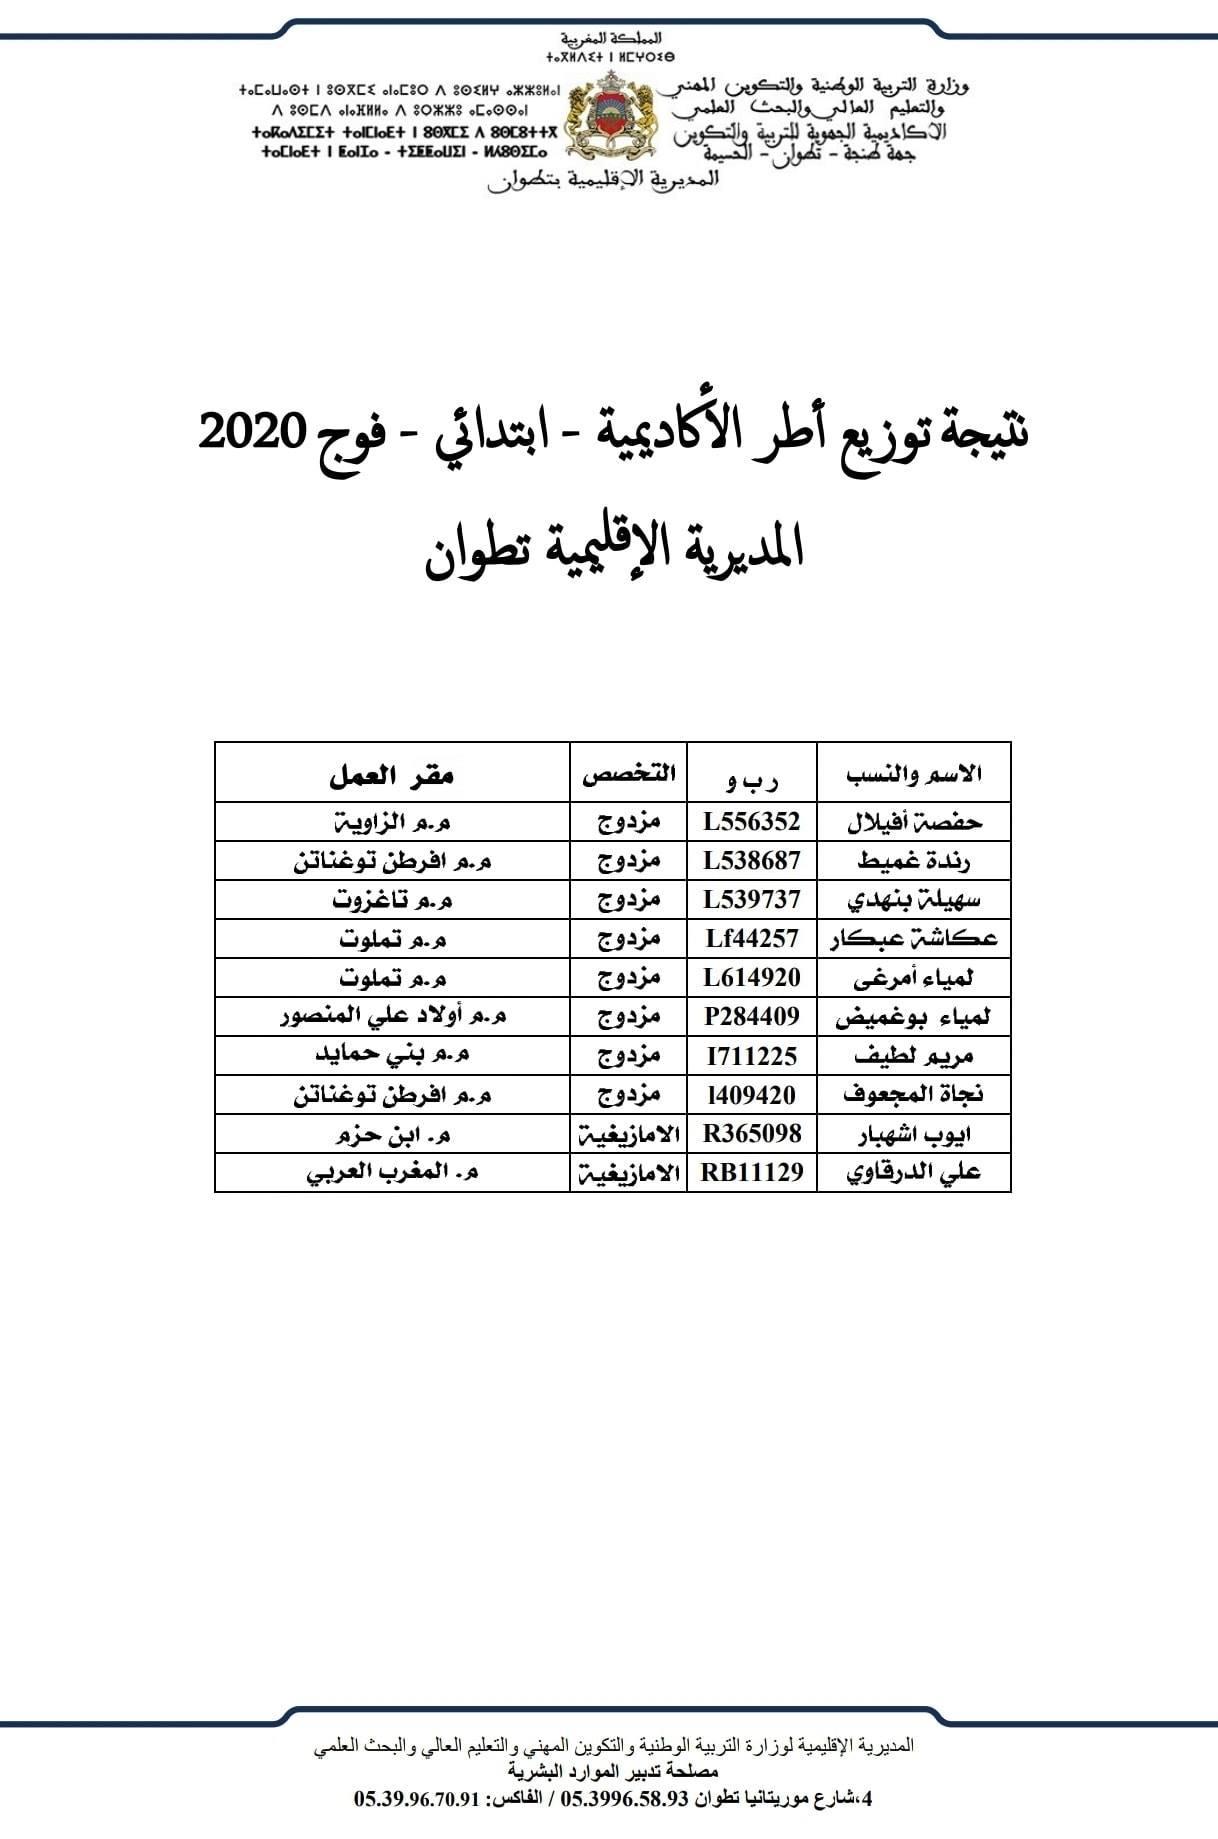 المديرية الاقليمية تطوان: نتائج توزيع أطر الأكاديمية فوج 2020 - السلك الابتدائي